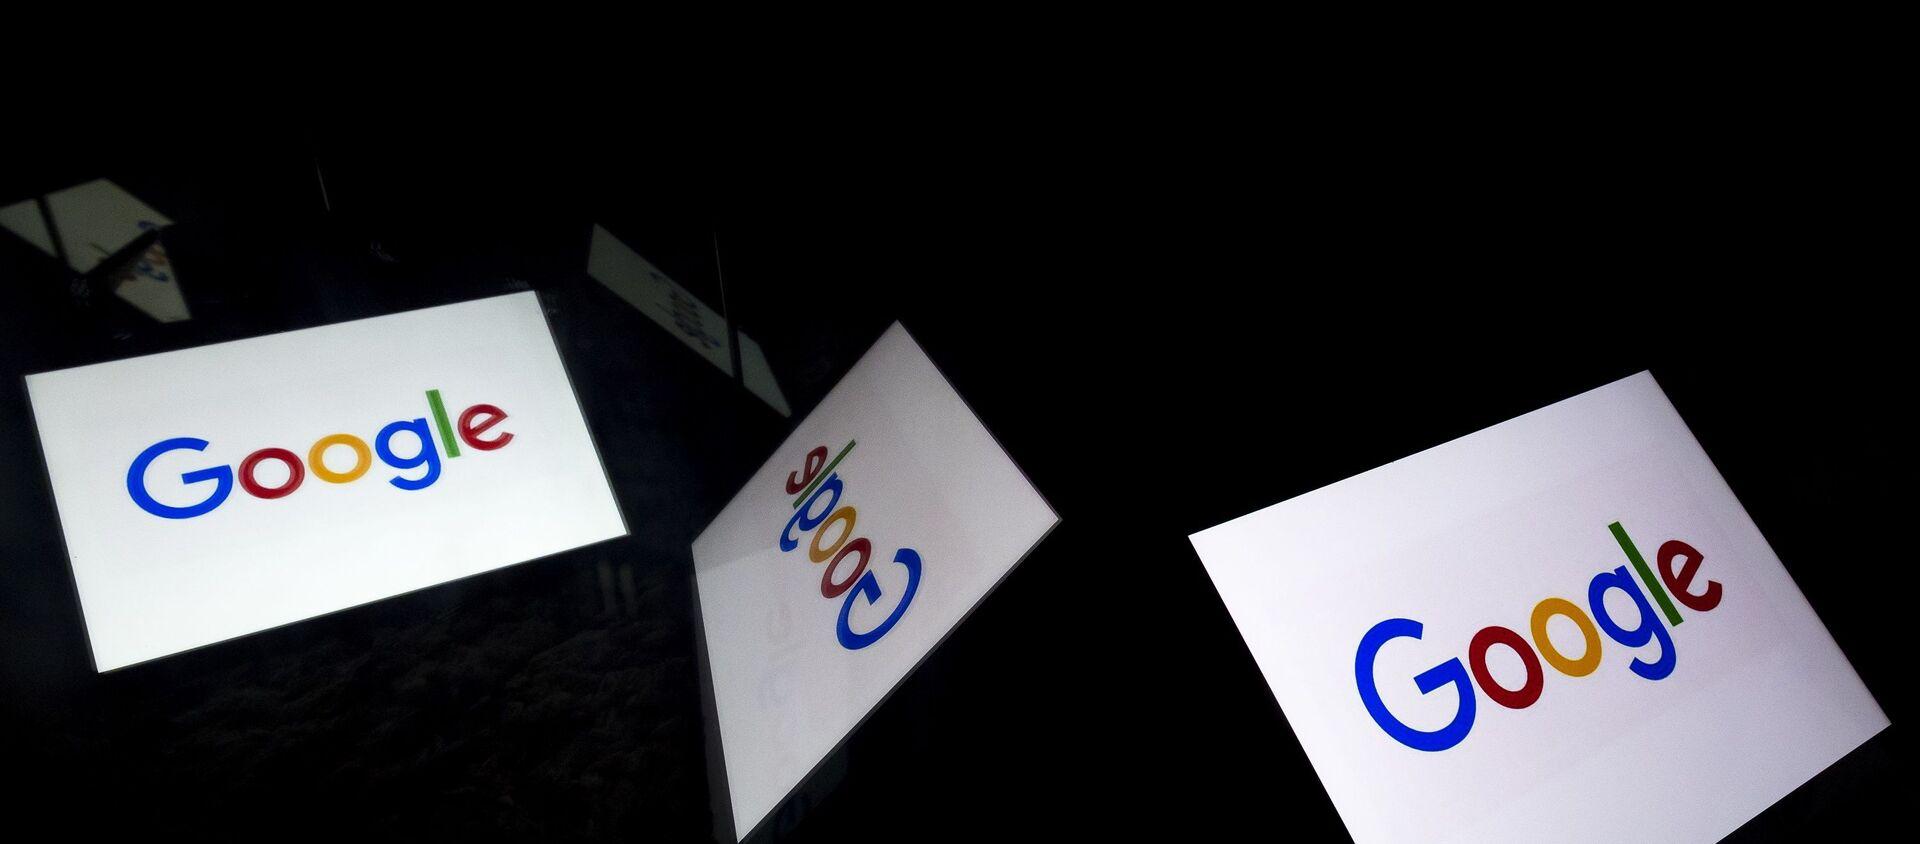 Google logo - Sputnik Türkiye, 1920, 01.02.2021